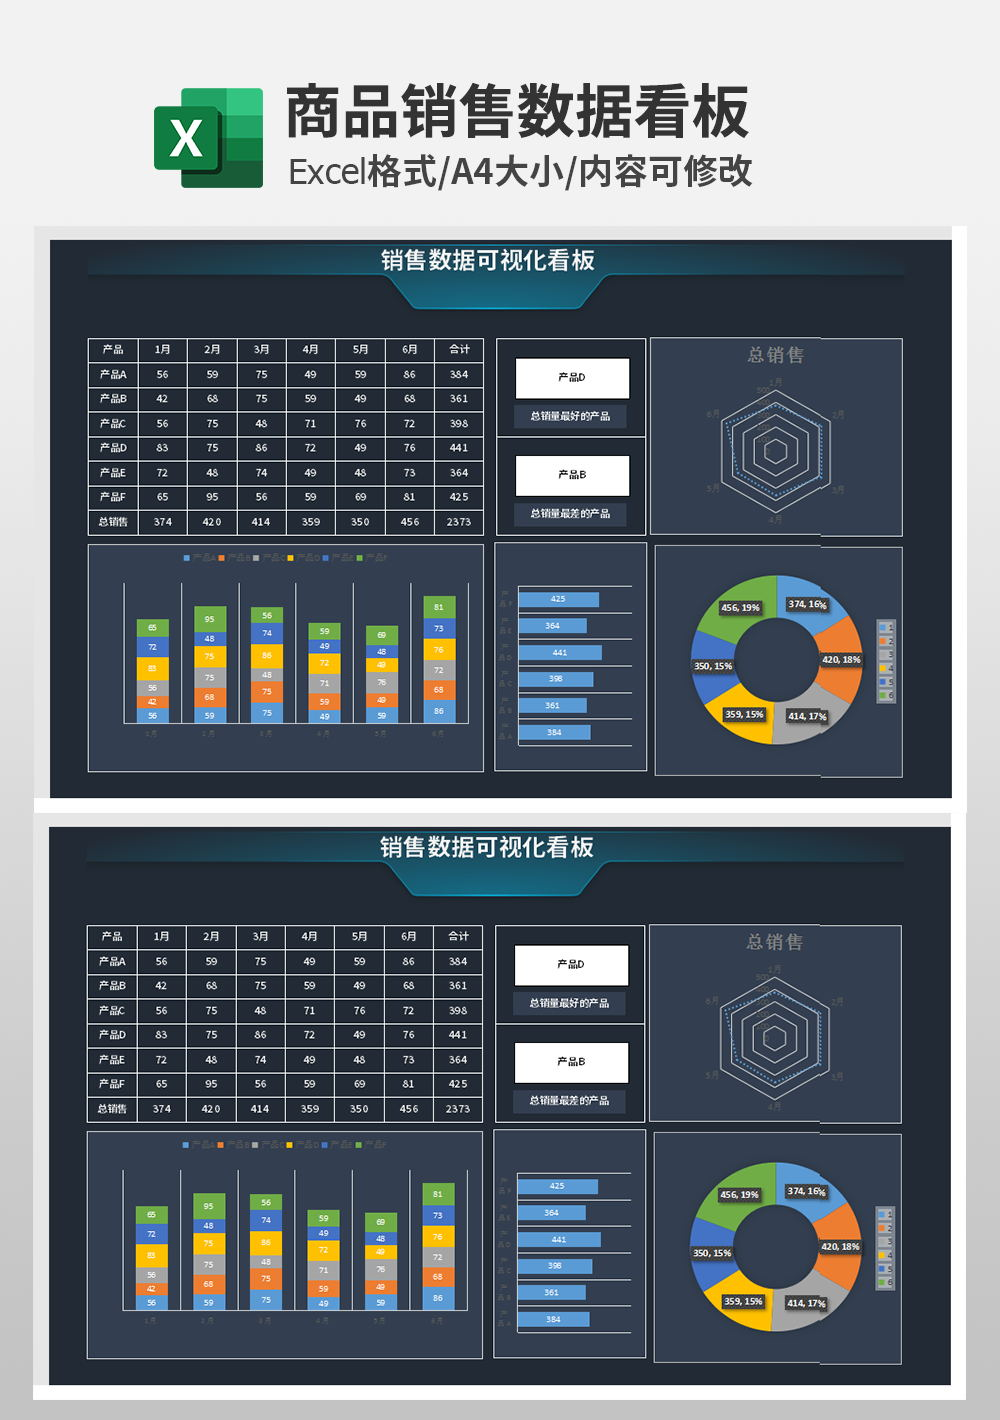 创意多表联动商品销售数据看板